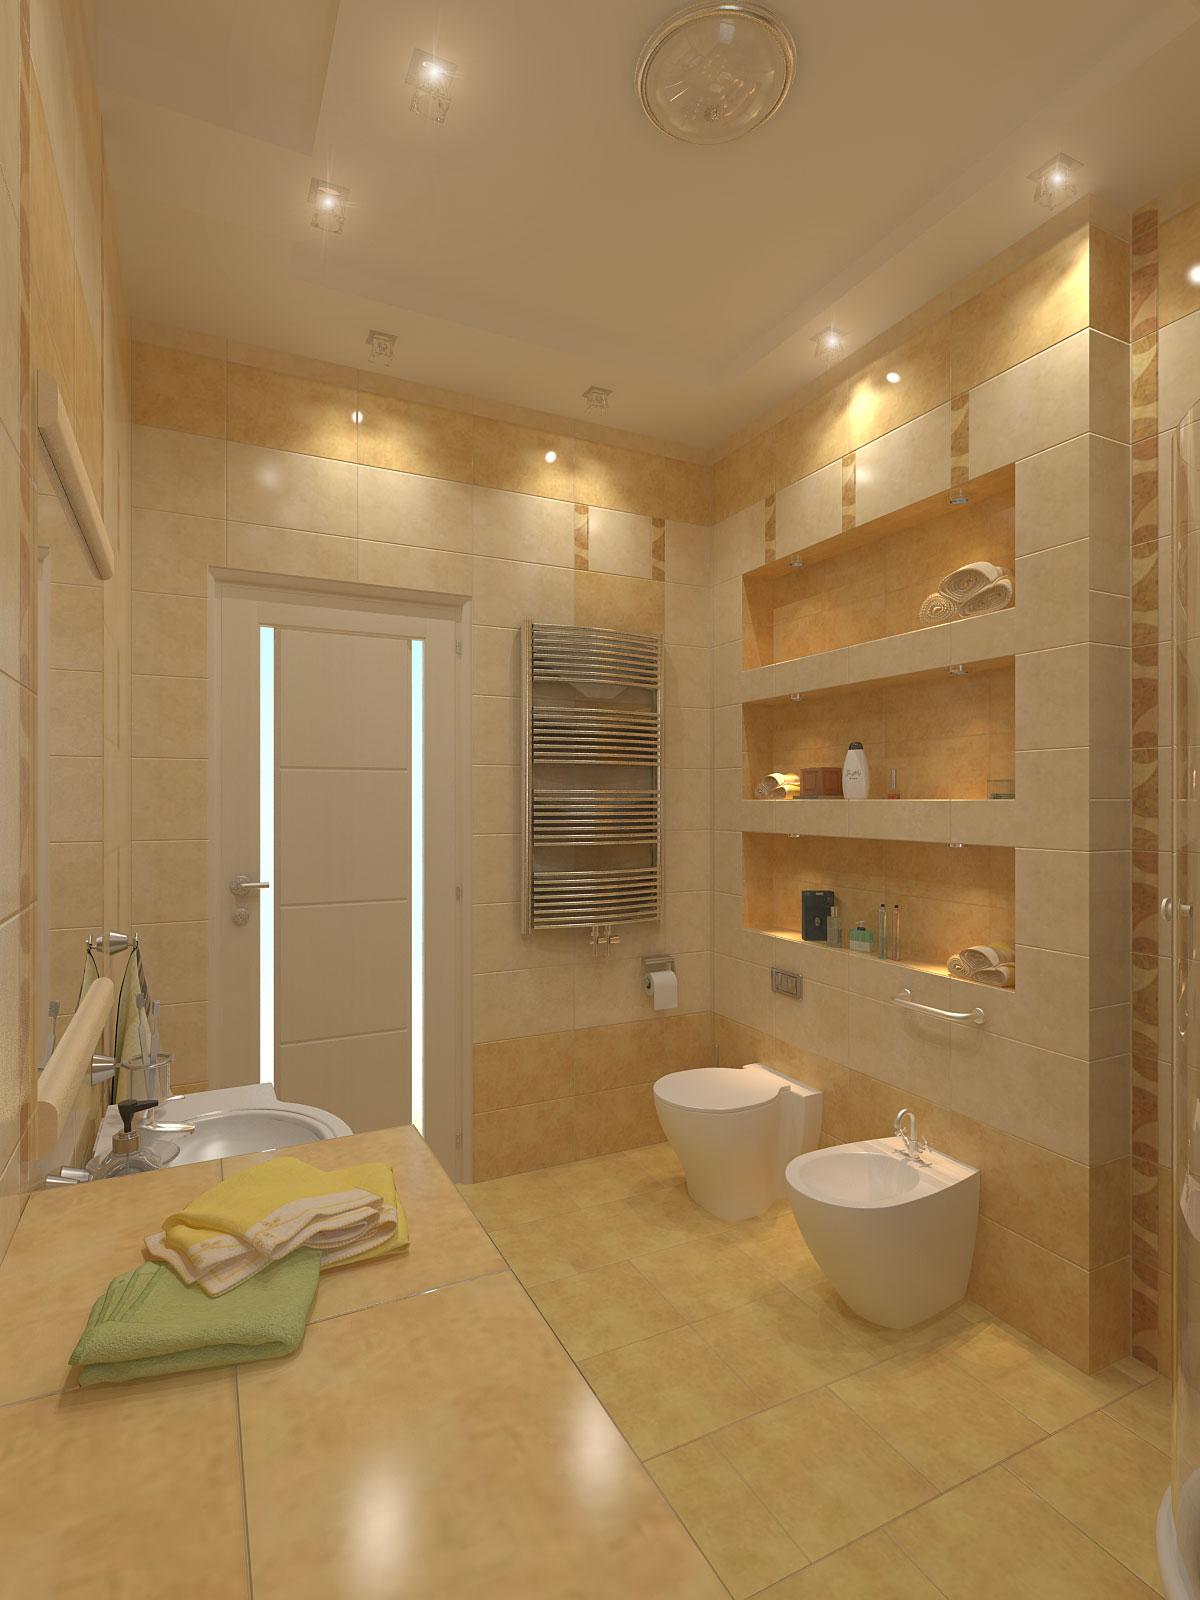 Gambar Rumah Minimalis Dan Ruangannya